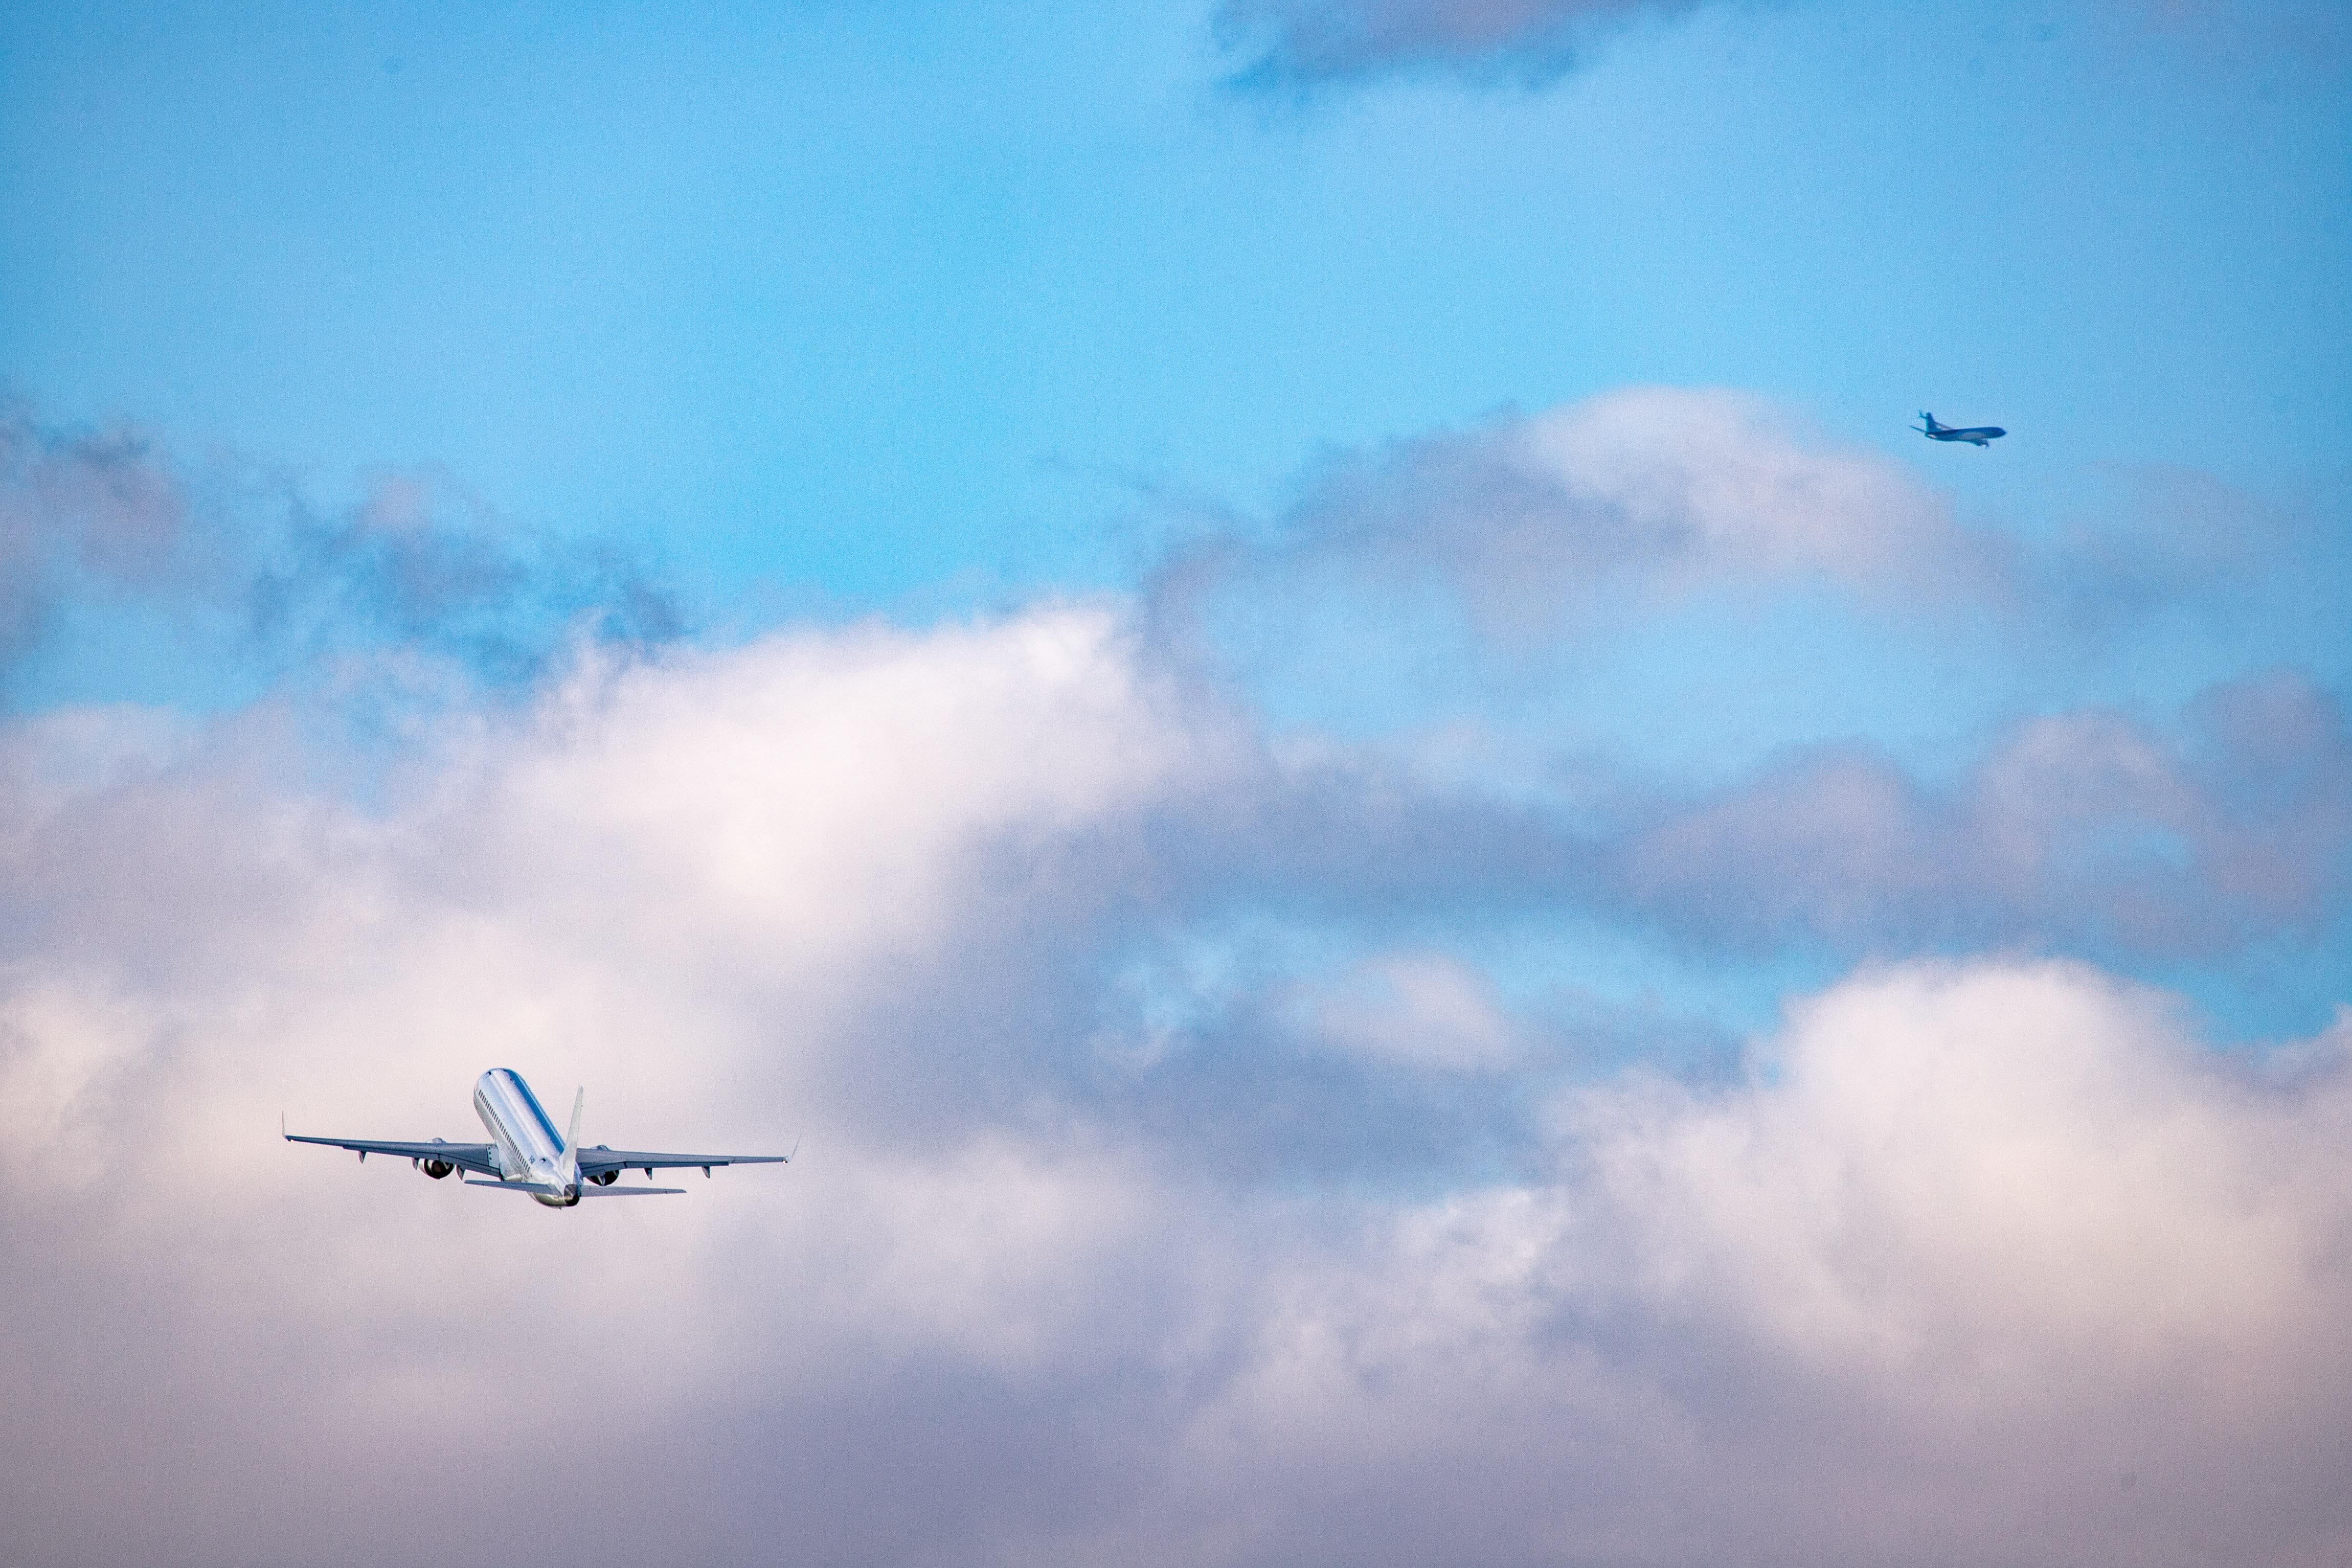 A KLM légitársaság arra kéri az utasait, hogy ne repüljenek annyit